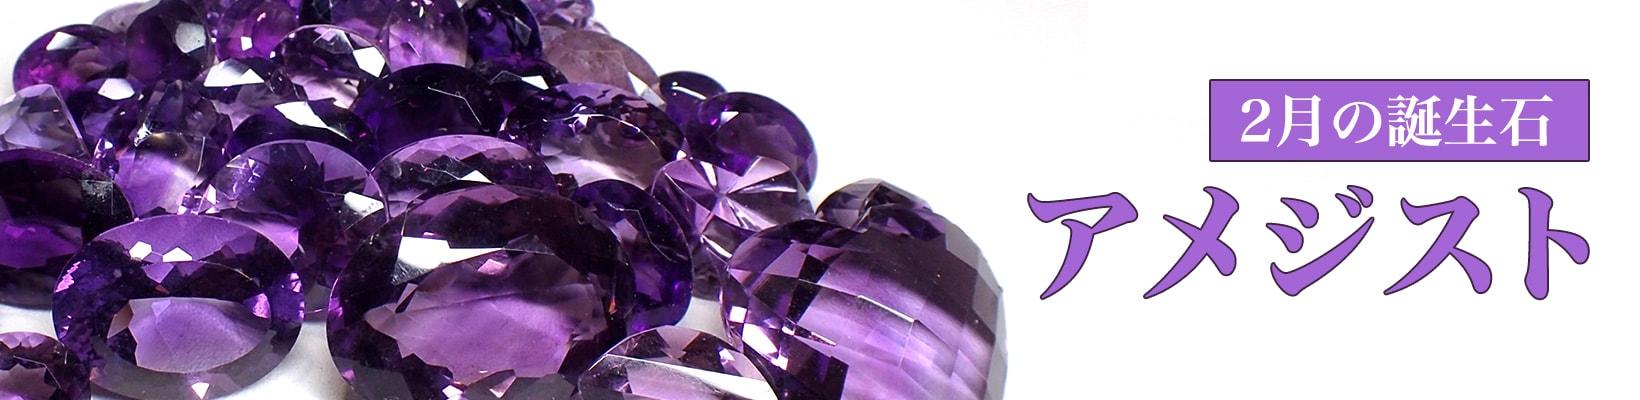 2月の誕生石:アメジスト(紫水晶)